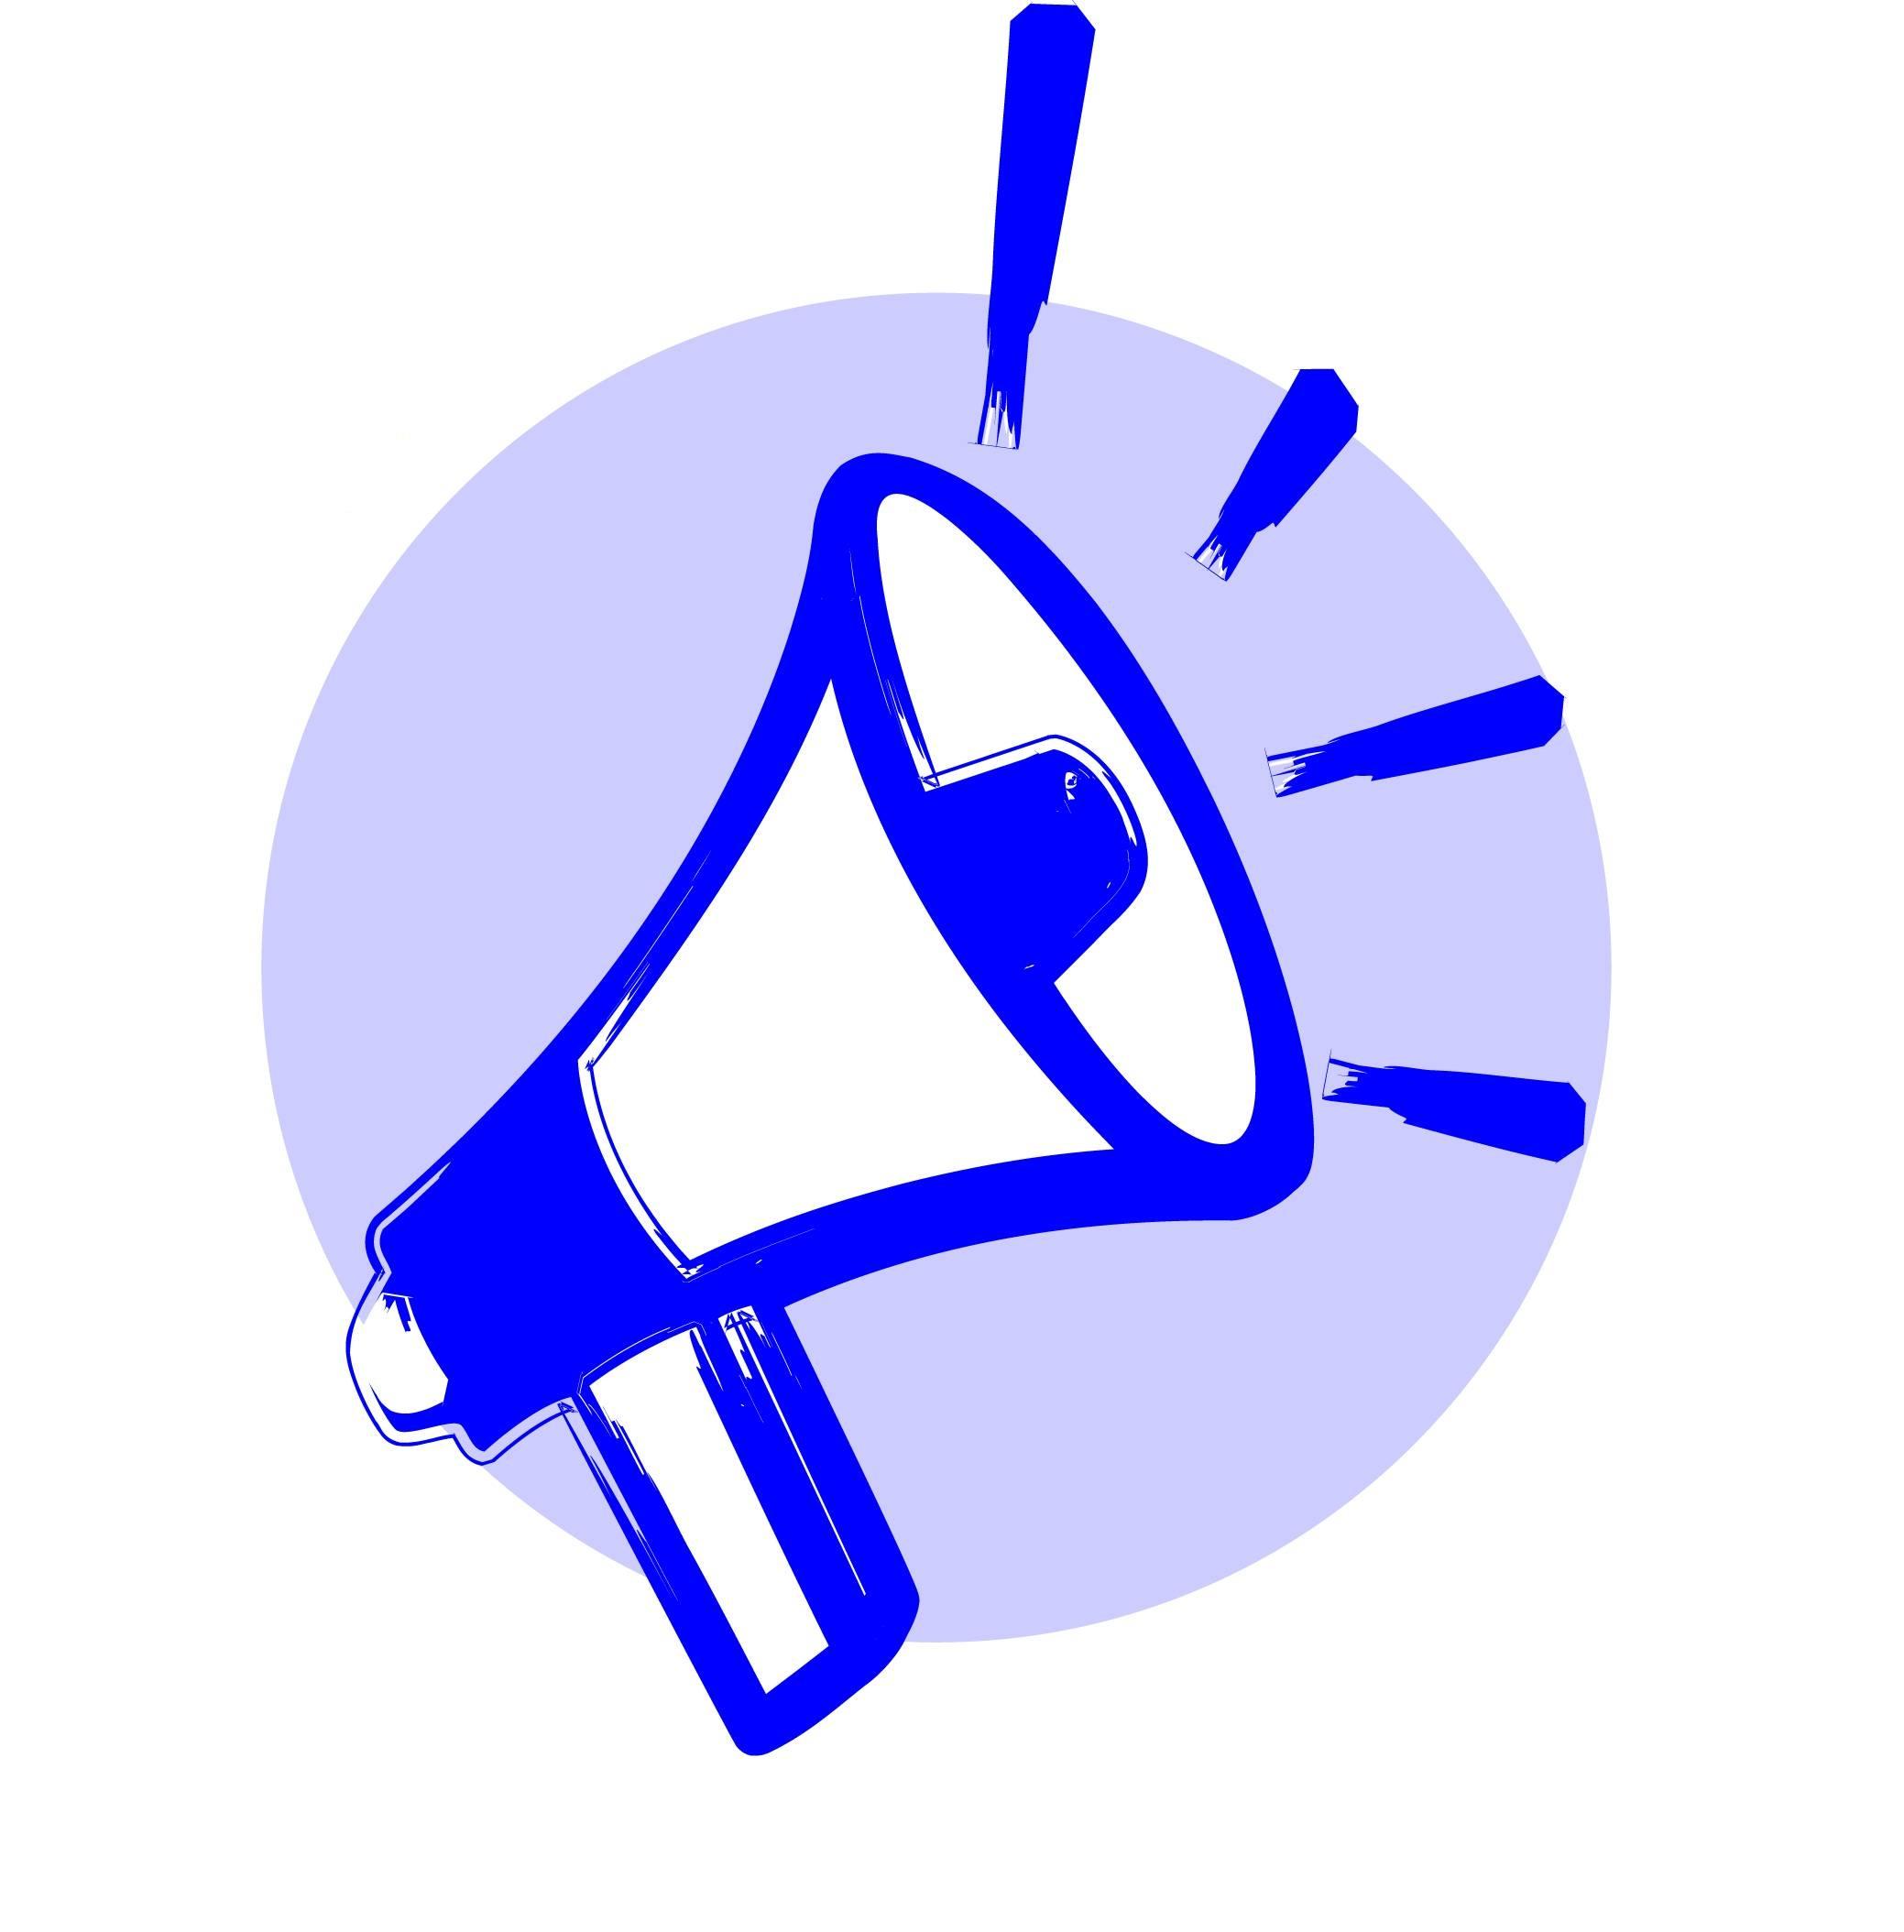 Announcement clip art free. Announcements clipart anouncement